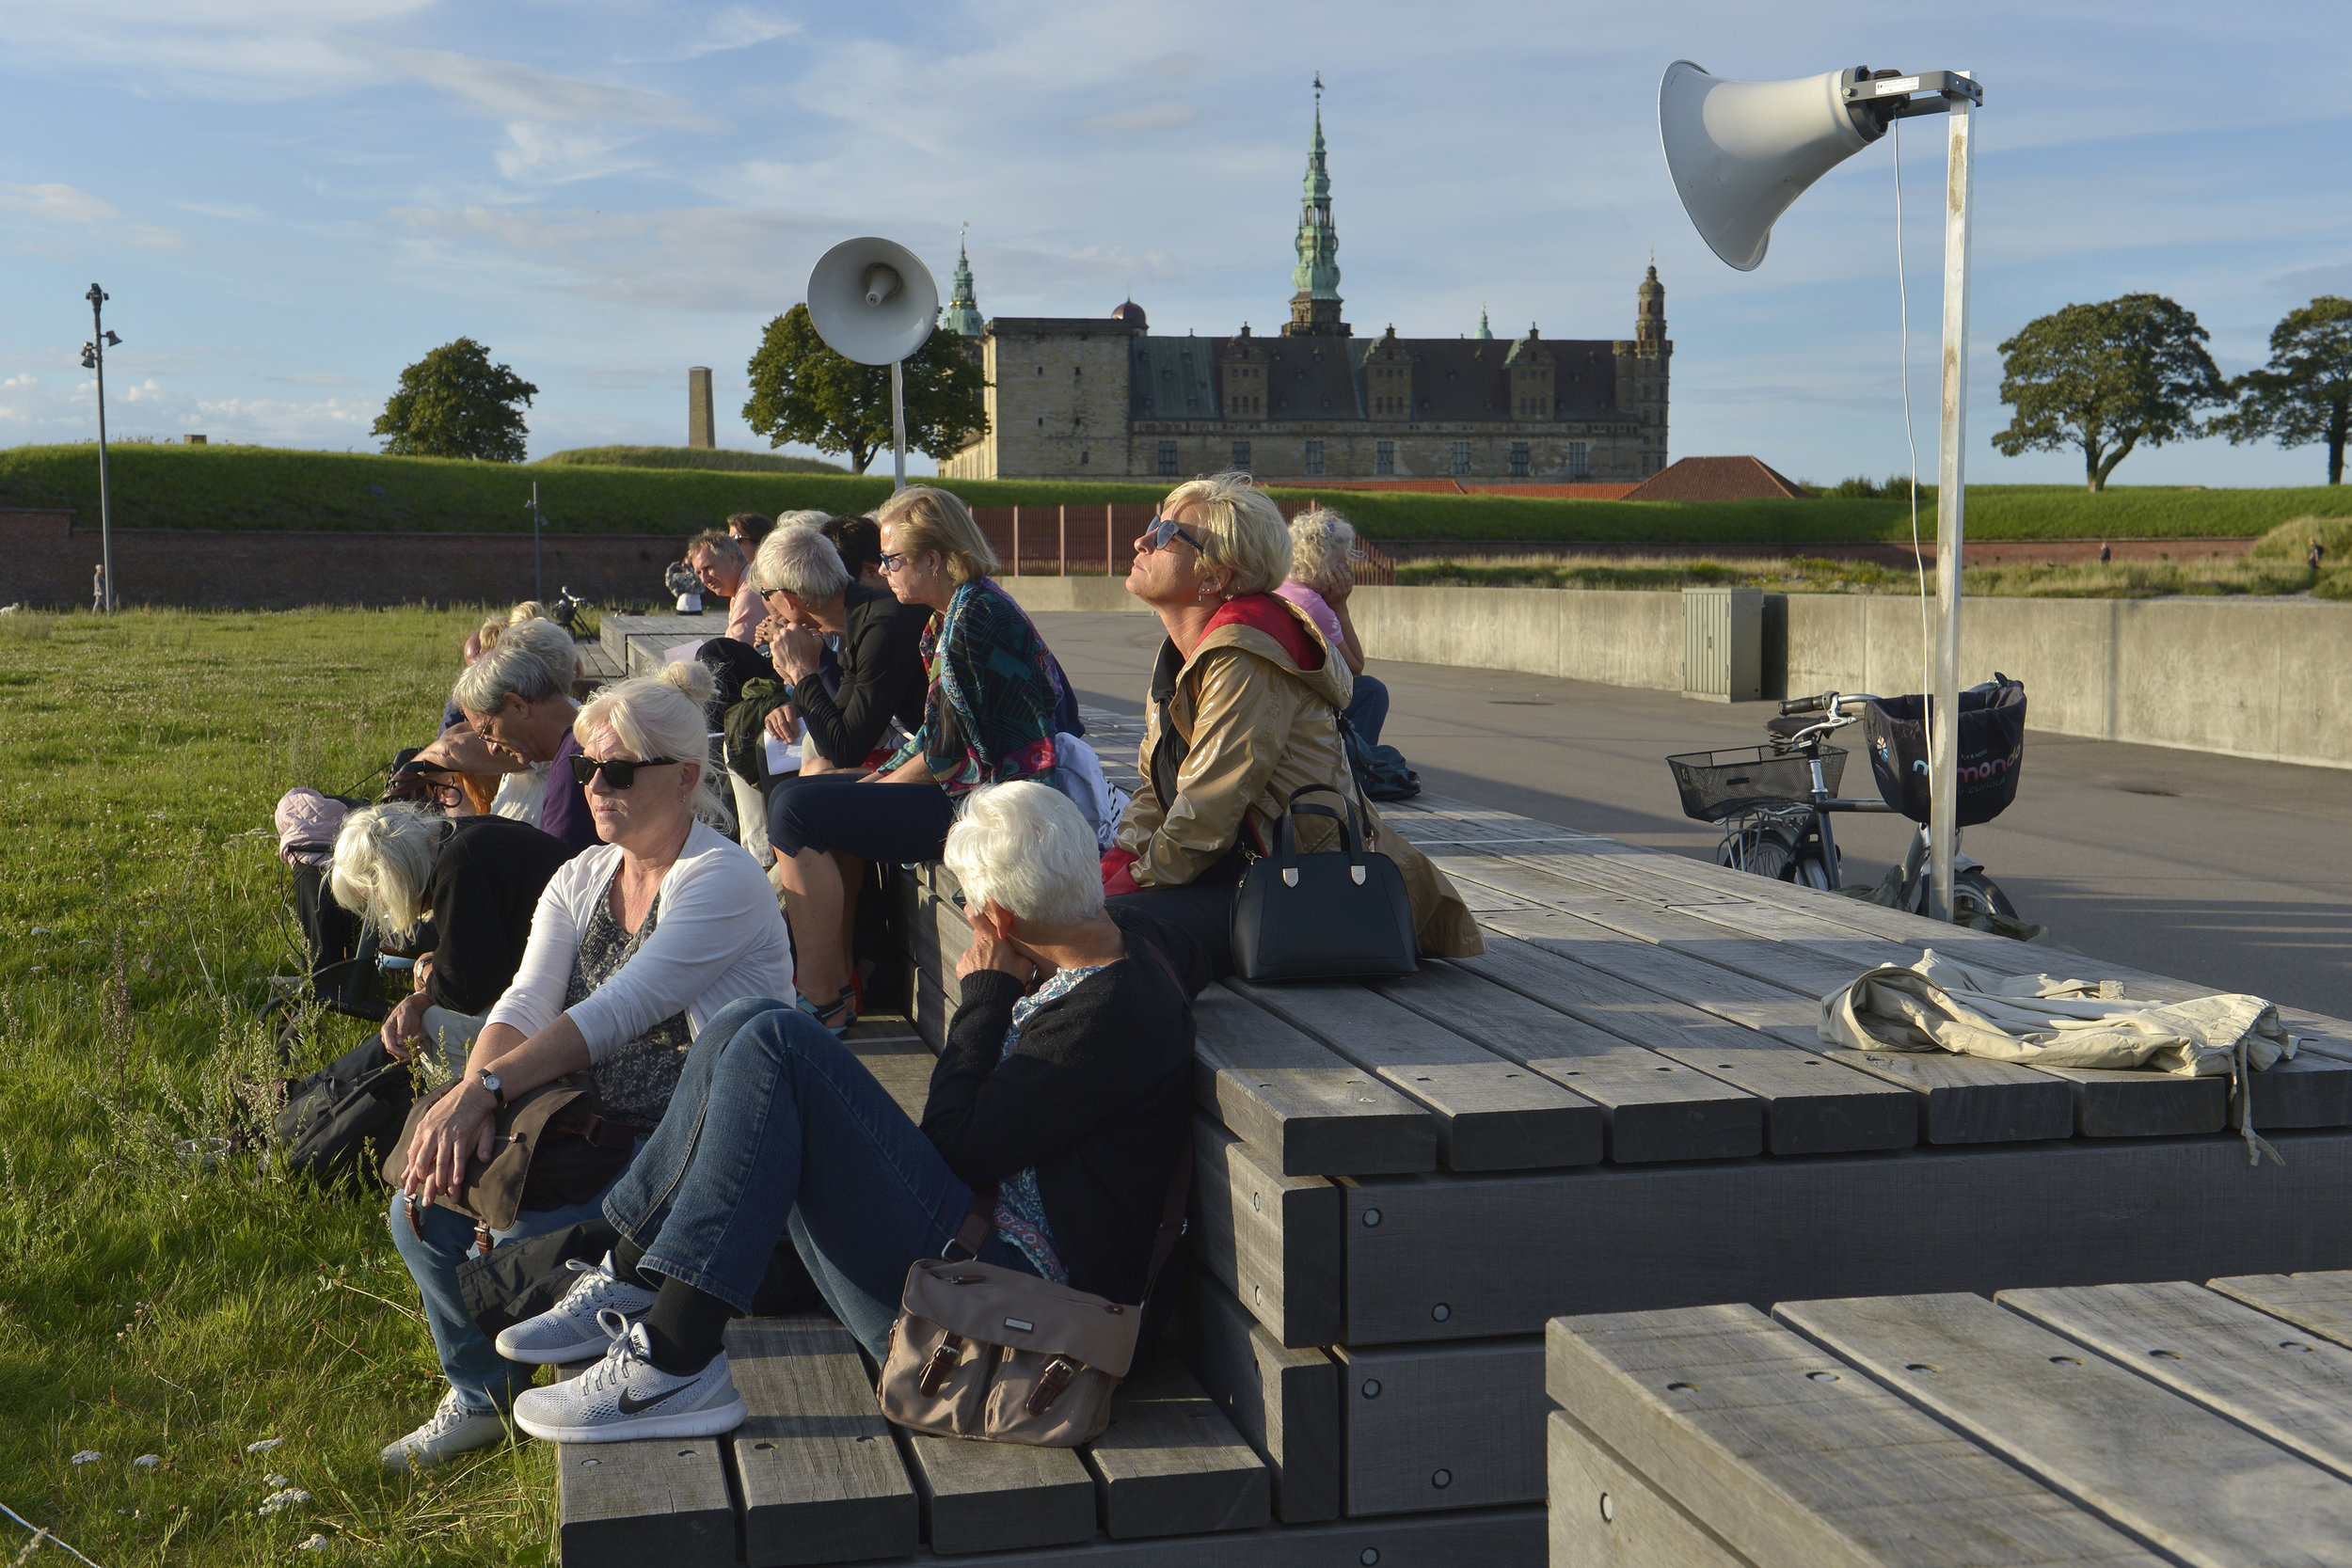 Flemming Fuglsang - MA Archive (DK) - Stemmer Fra ùresund - 05082016 - 024.jpg